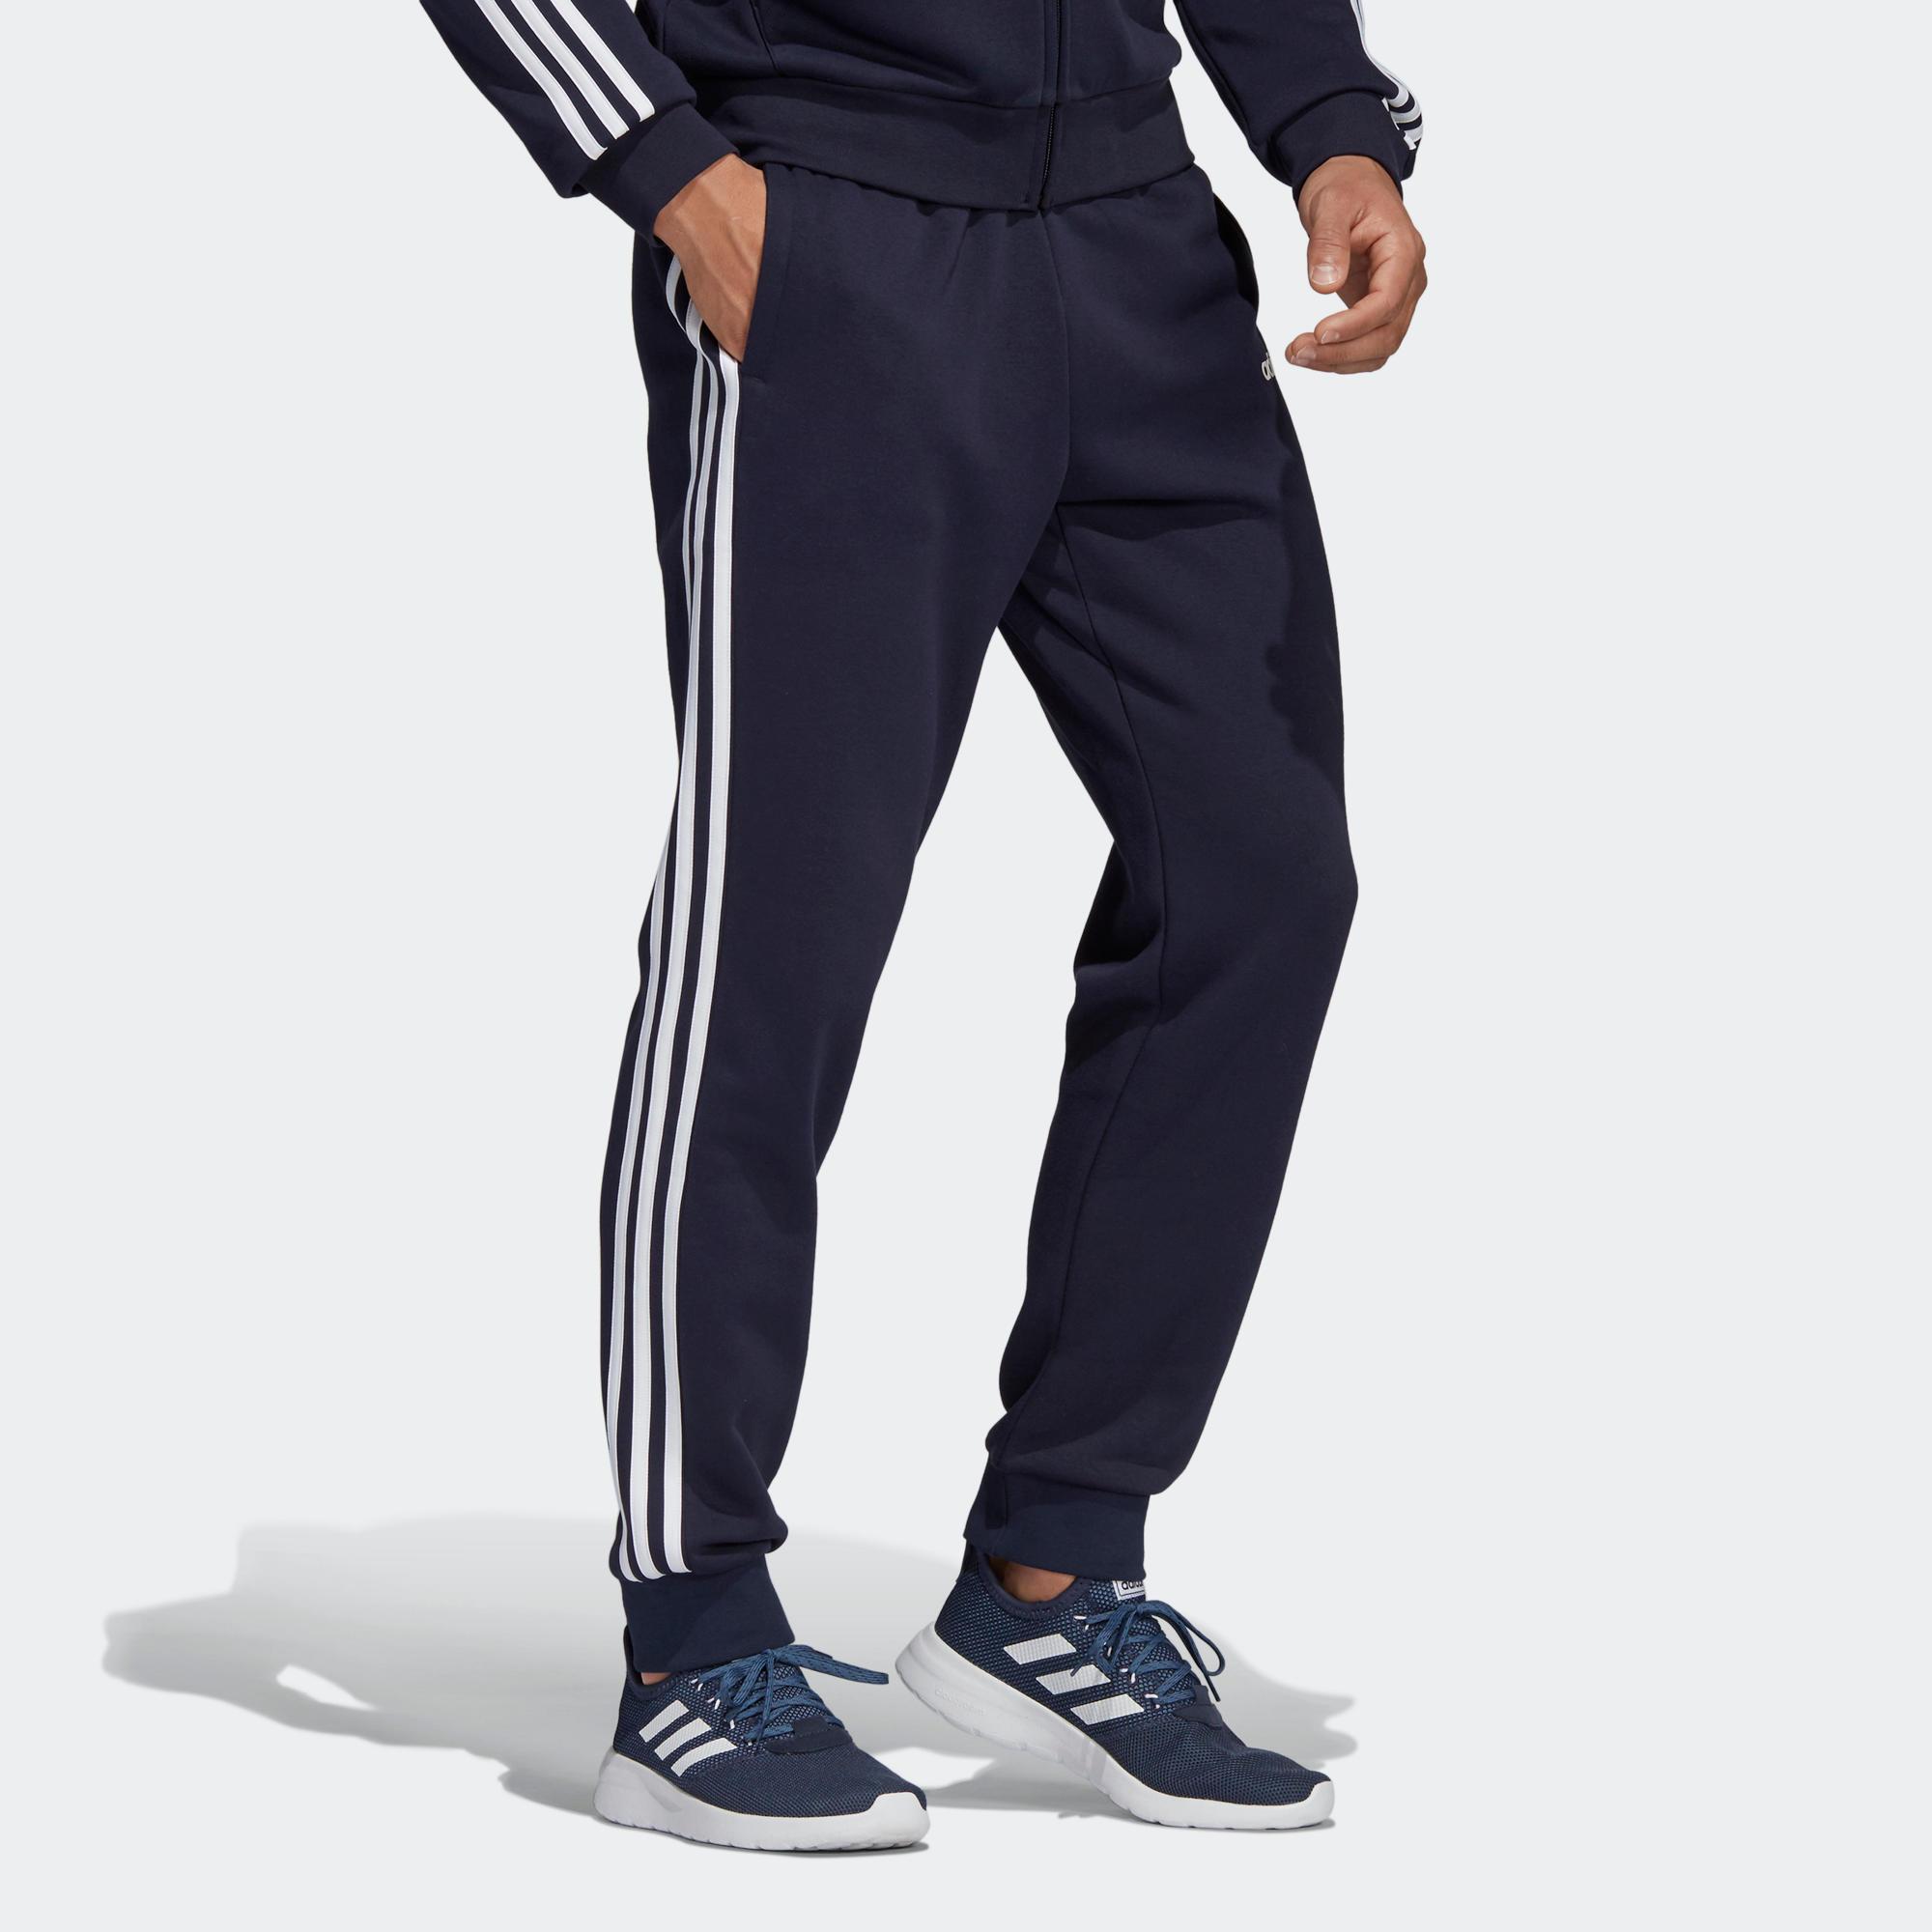 Pantalon Adidas bărbați